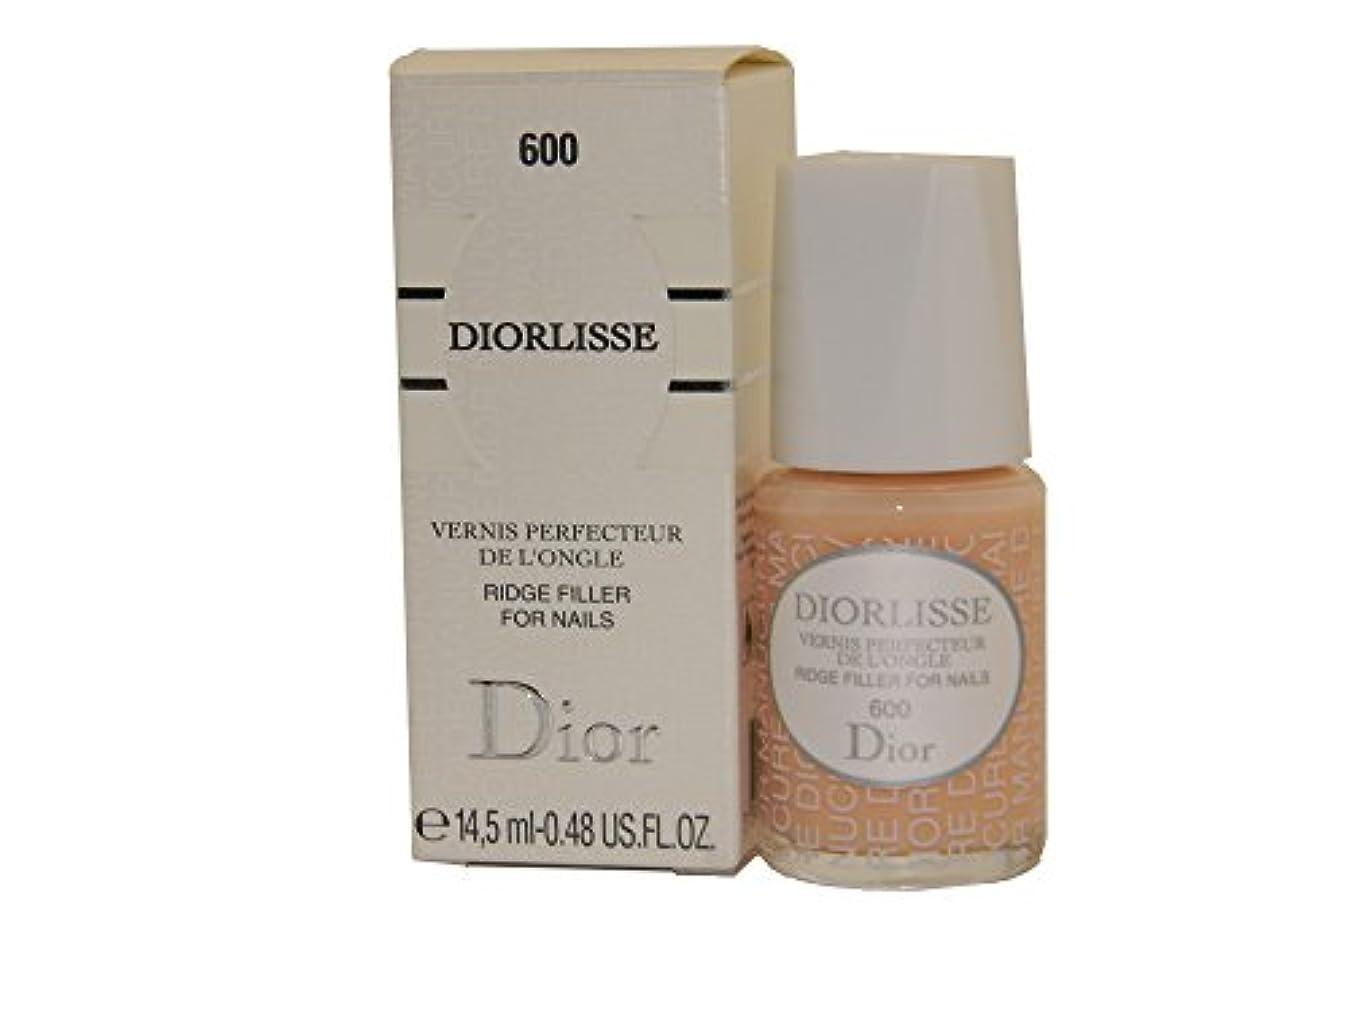 足音きらめき冒険Dior Diorlisse Ridge Filler For Nail 600(ディオールリス リッジフィラー フォーネイル 600)[海外直送品] [並行輸入品]